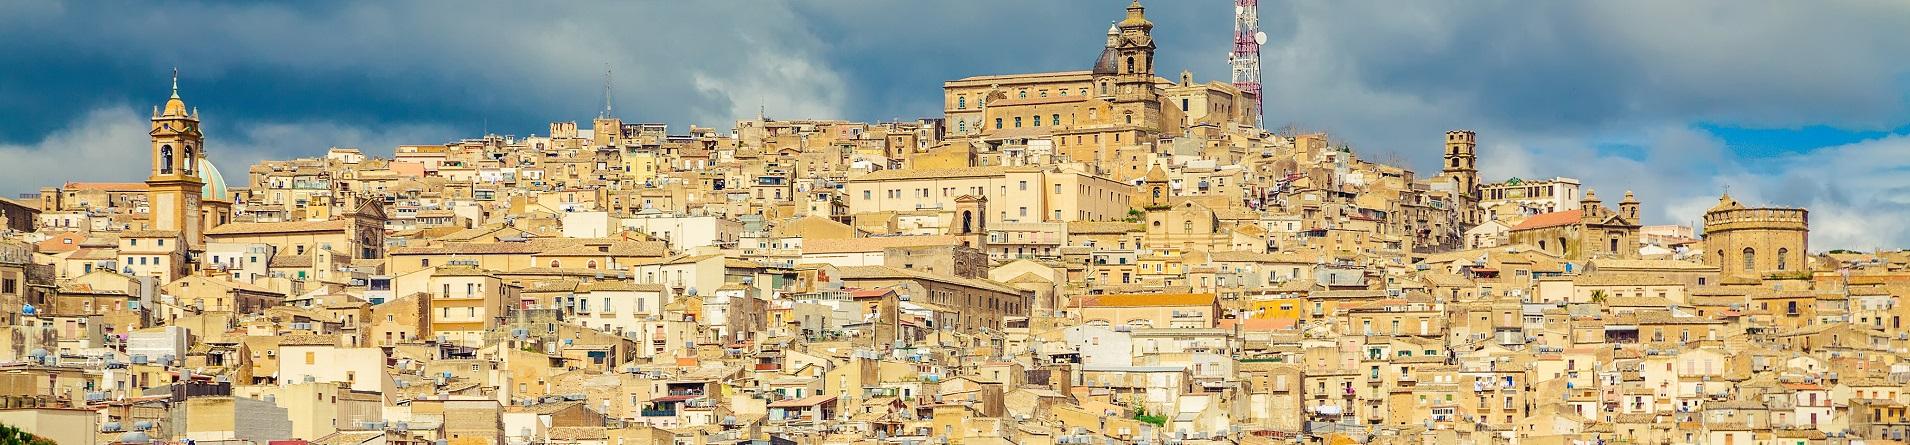 Ville e case vacanze vicino Caltagirone